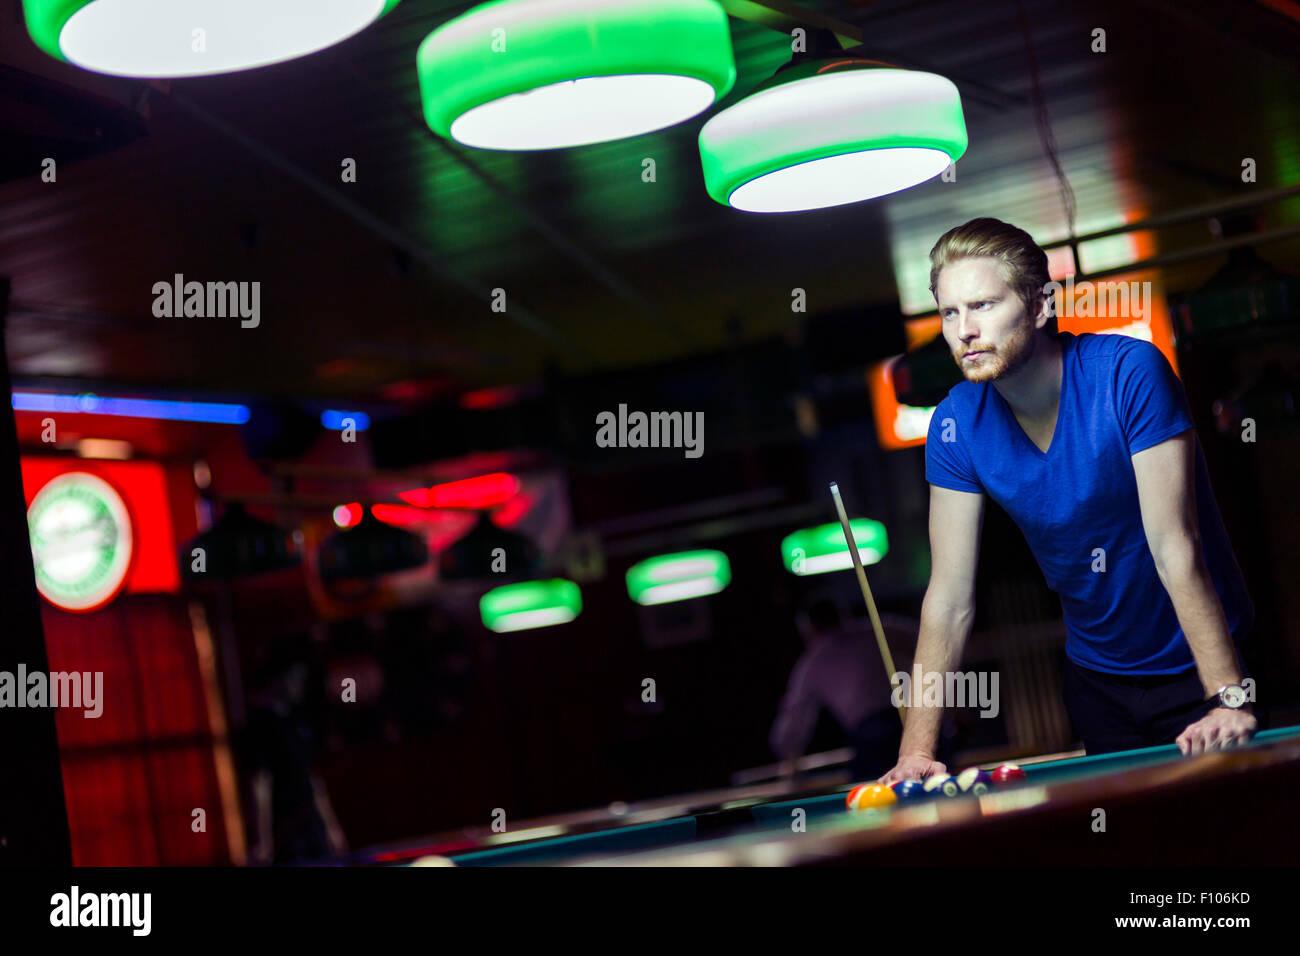 Hübscher Junge snooker Spieler beugte sich über den Tisch in einer Bar mit schönen Ambiente-Beleuchtung Stockbild